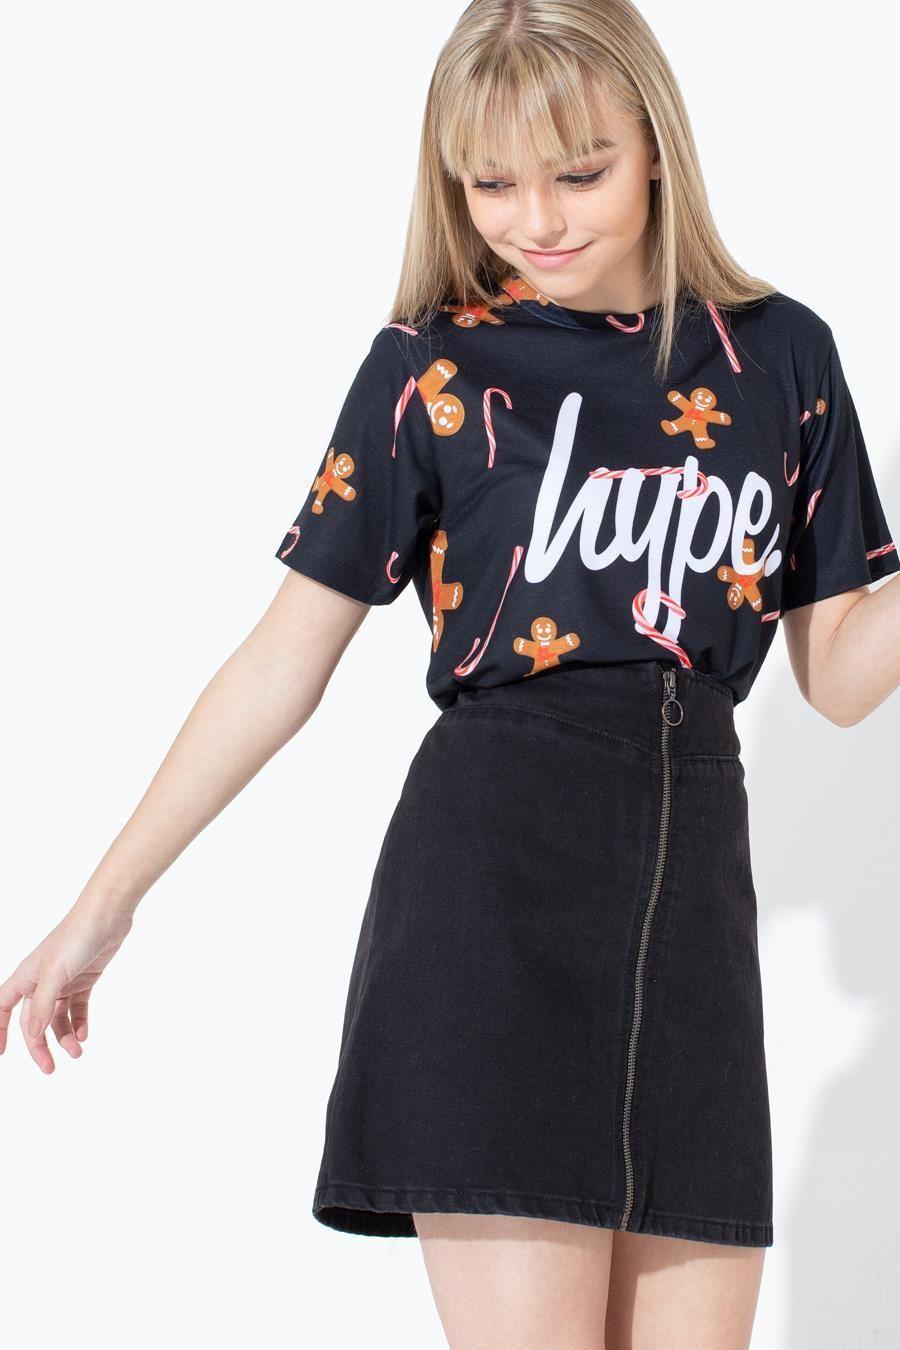 Gingerbread Cane Script Kids T-Shirt